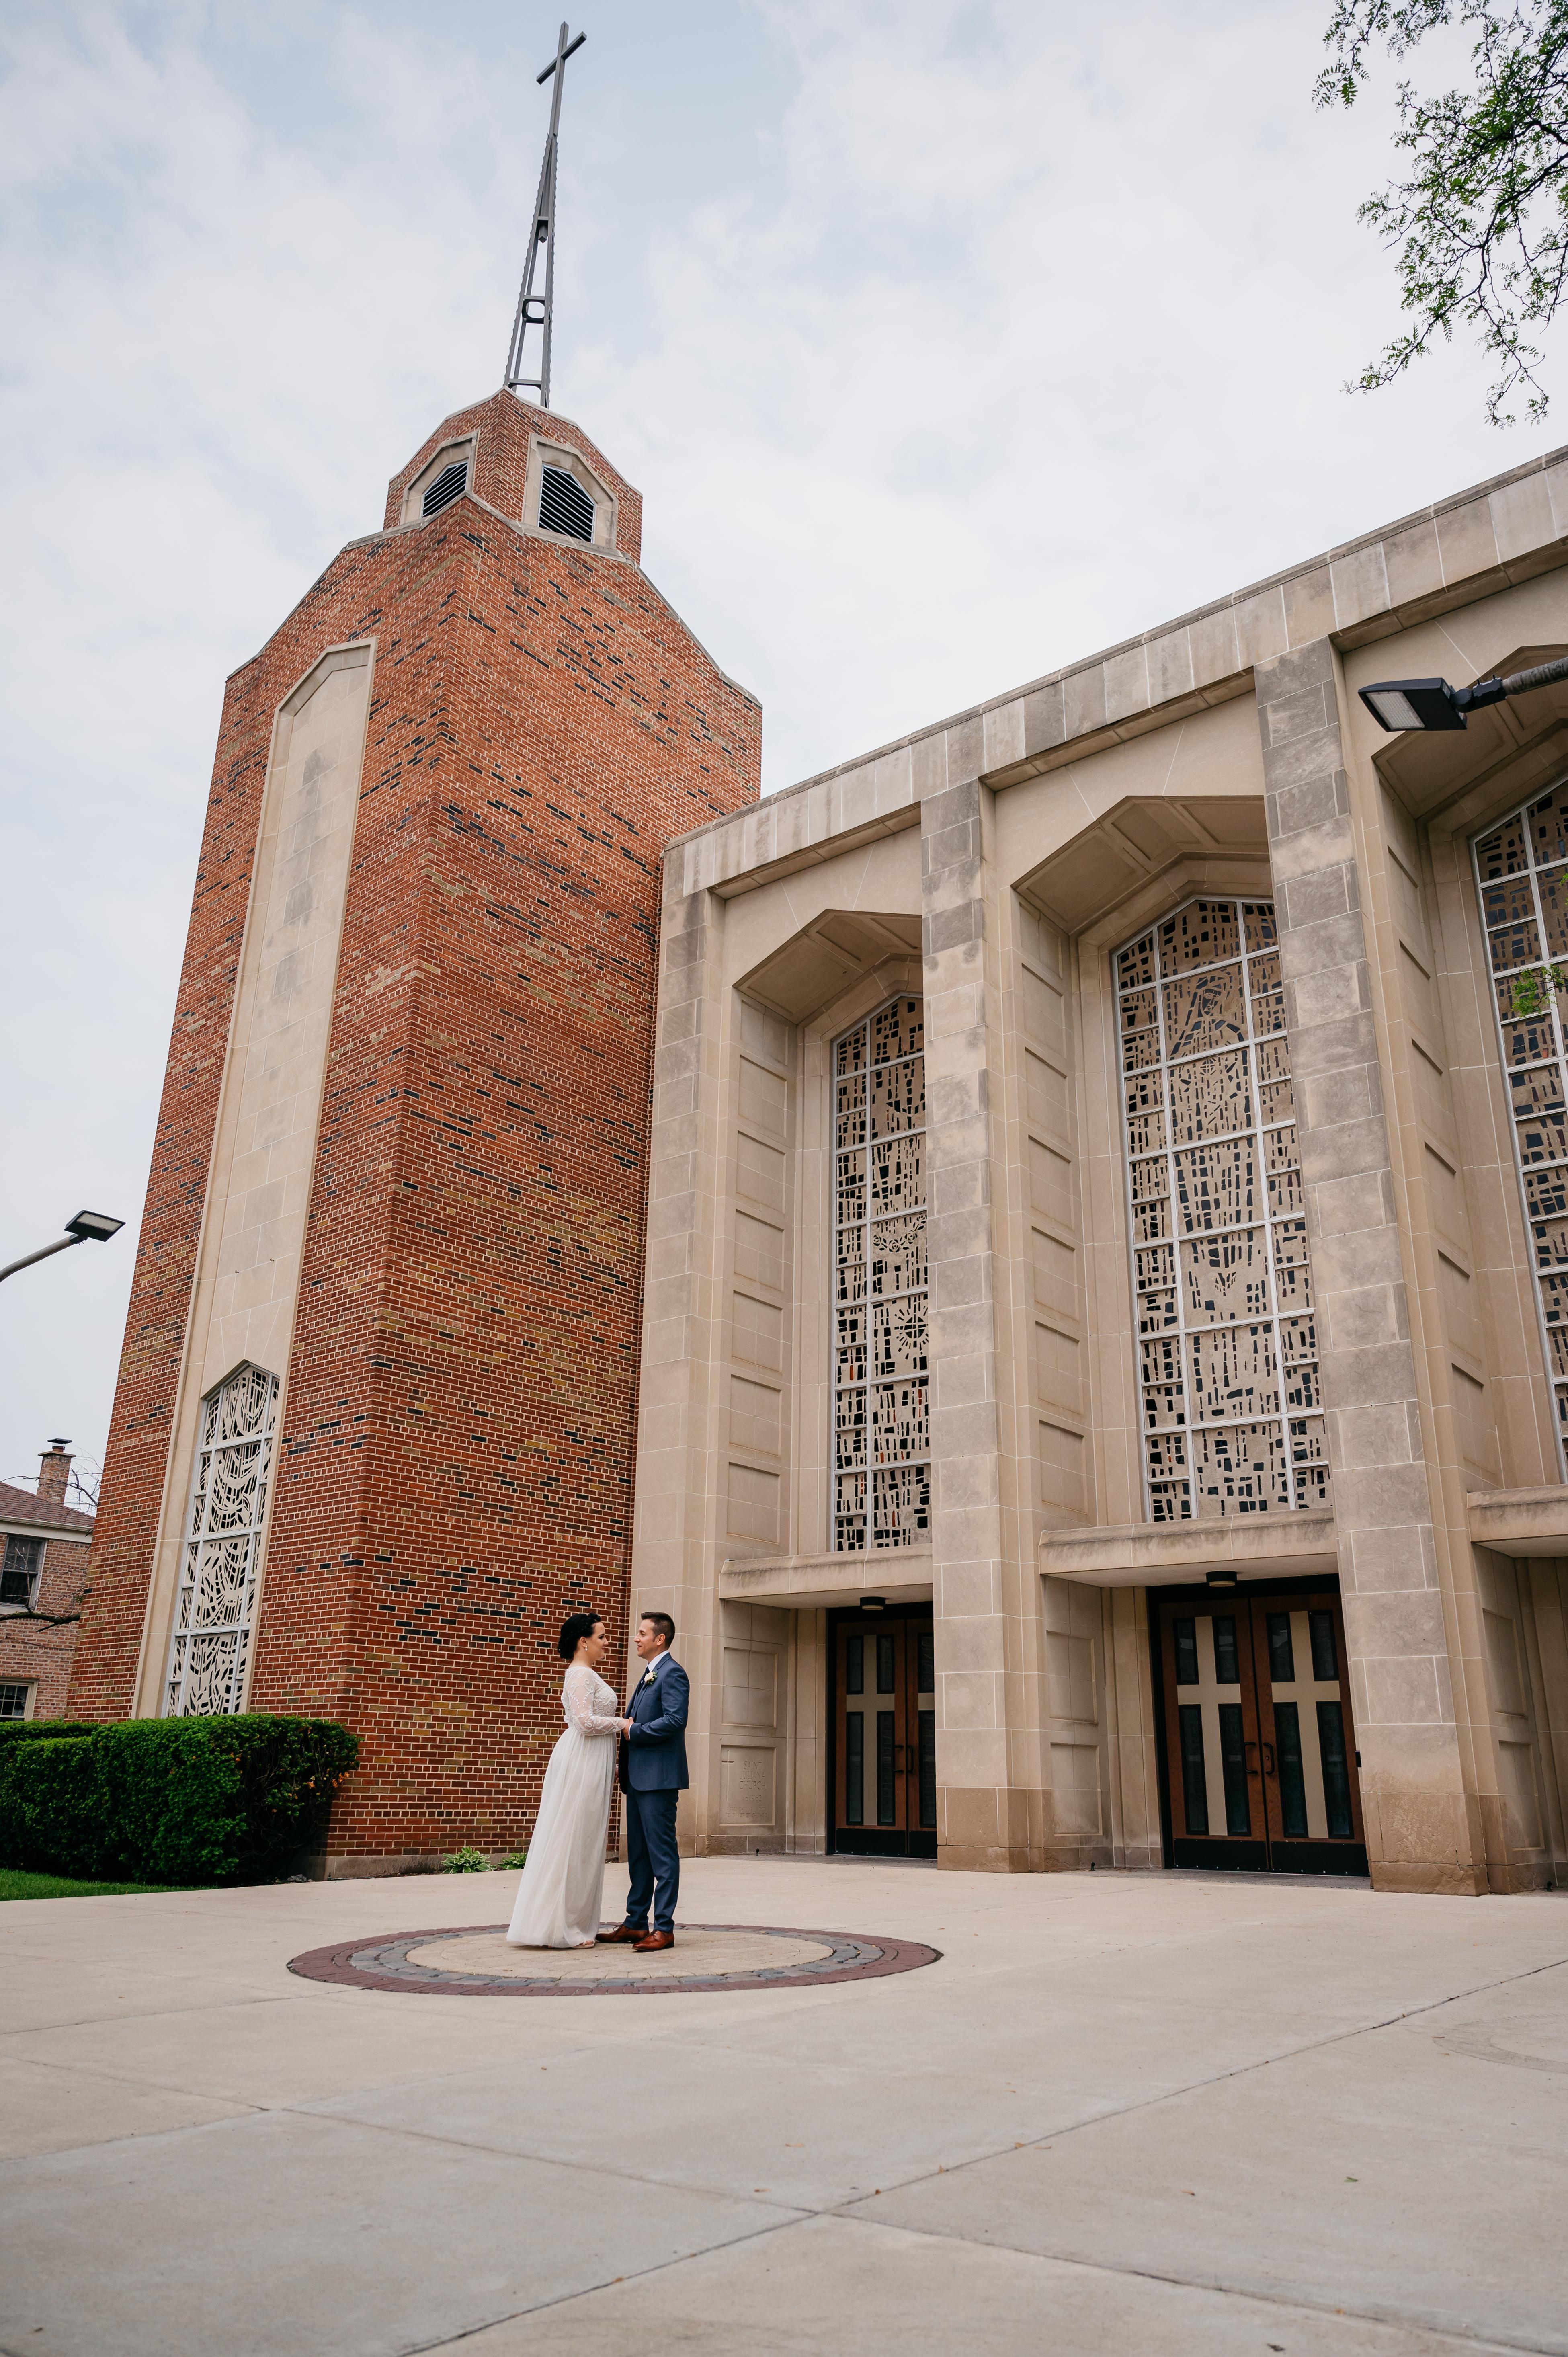 Wedding outside church